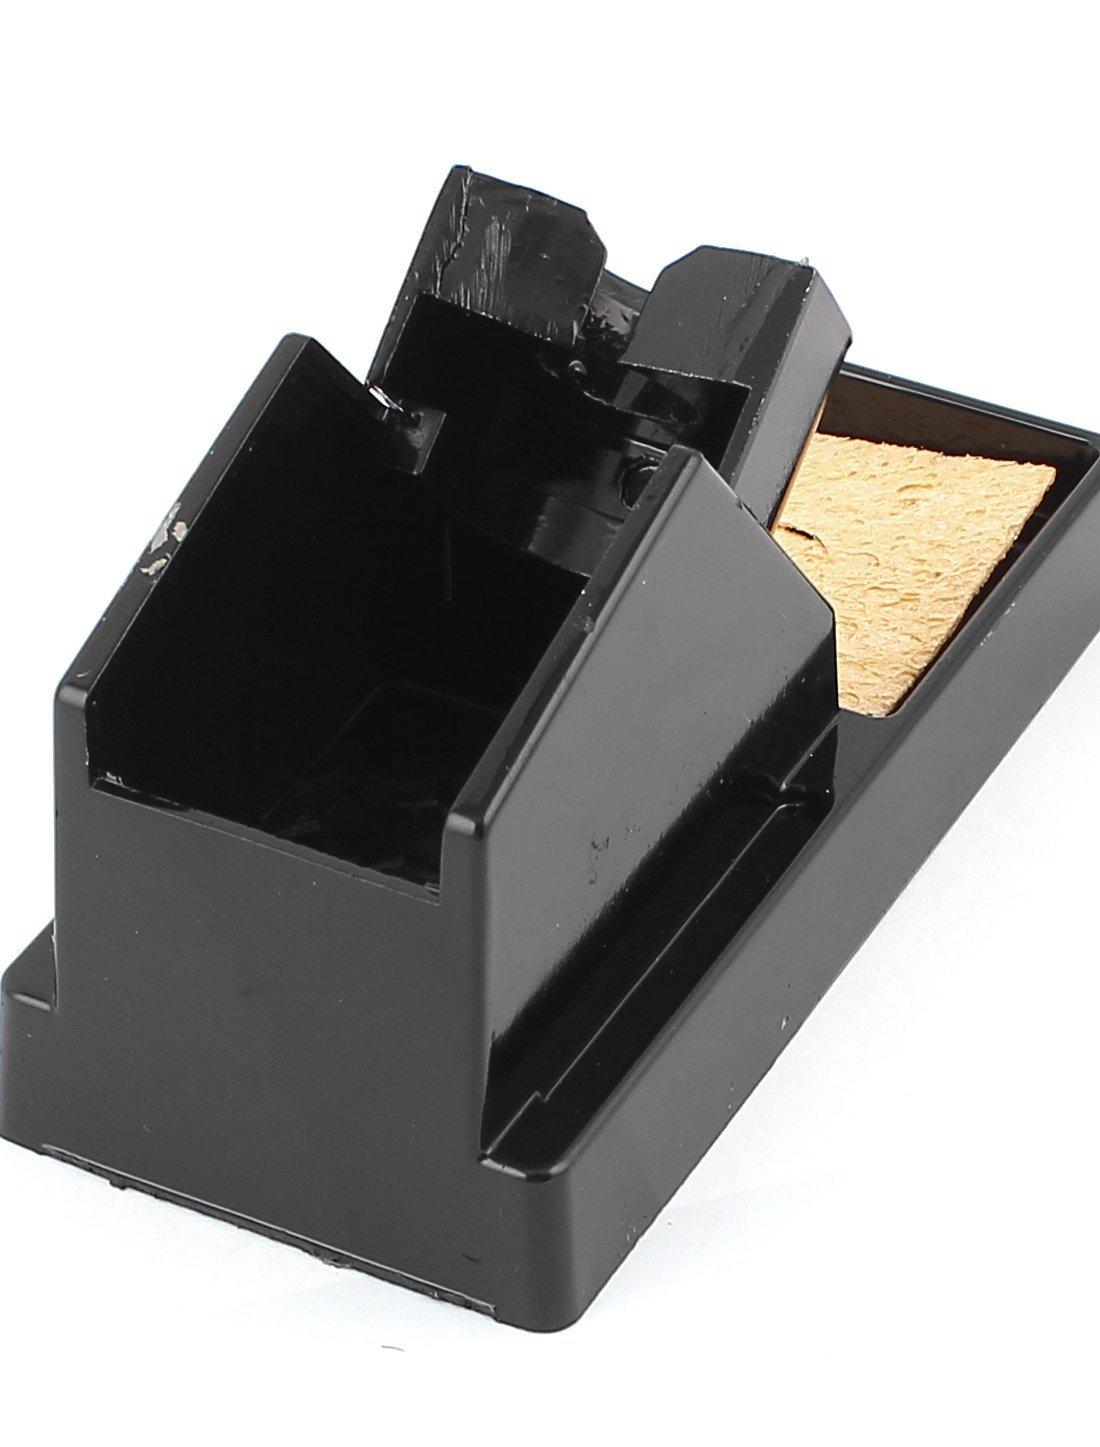 Rectangular Base Stand Holder for Soldering Iron Black